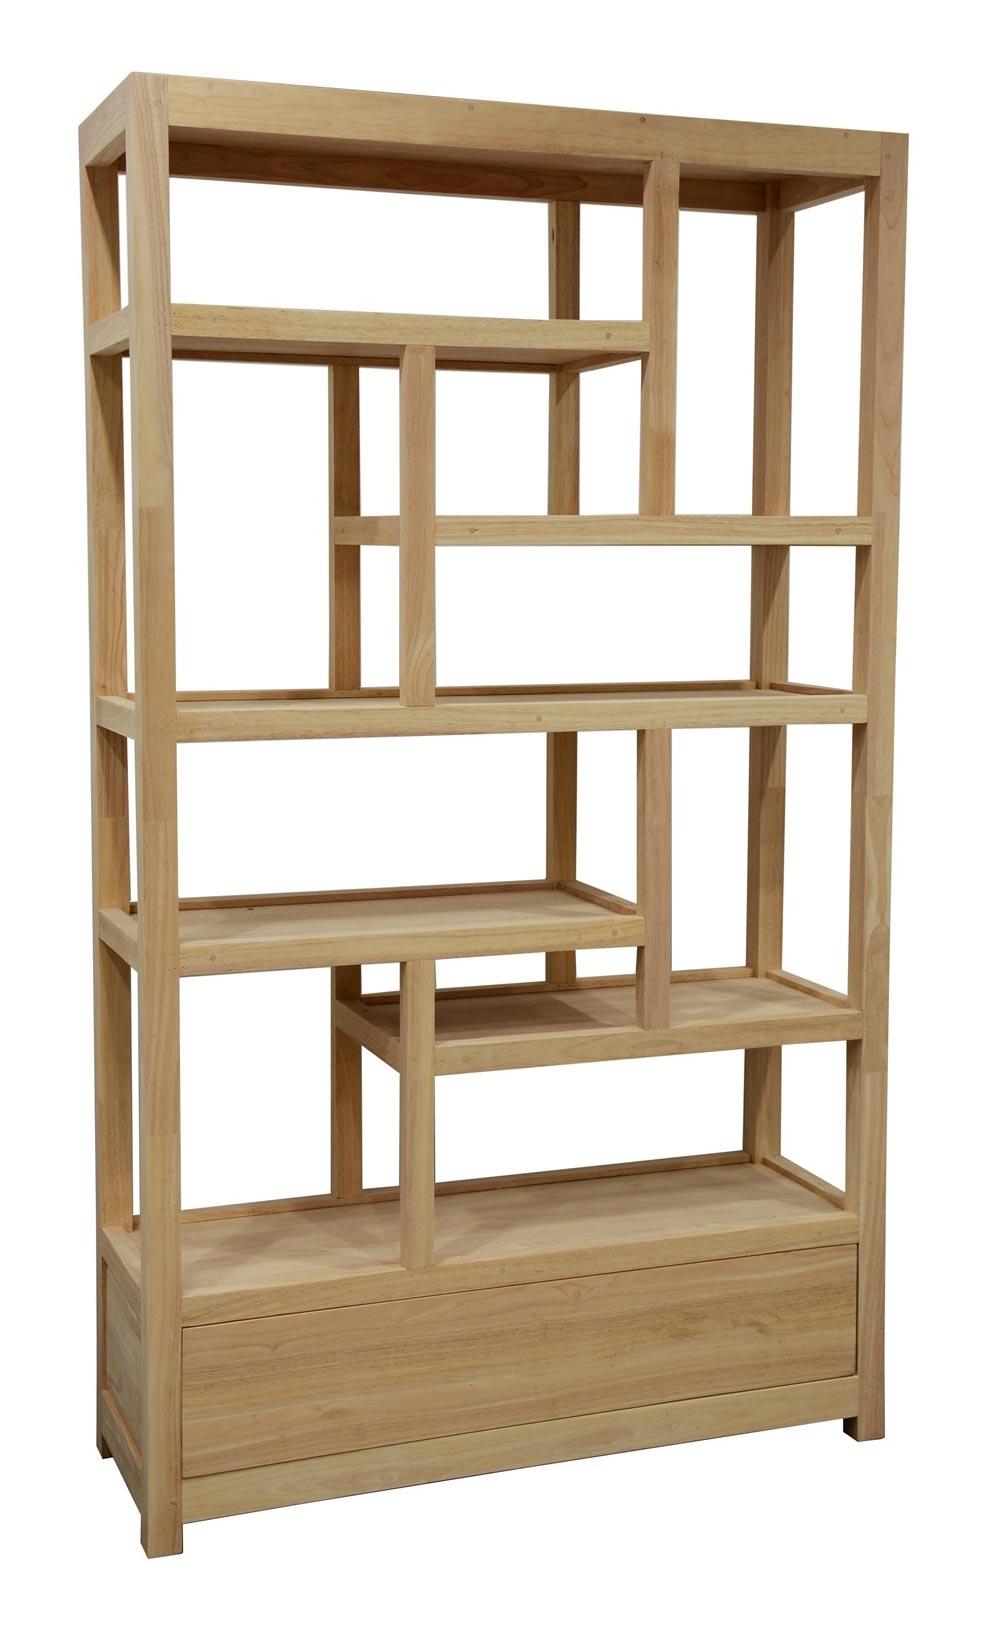 l 39 tag re arster au design d structur. Black Bedroom Furniture Sets. Home Design Ideas